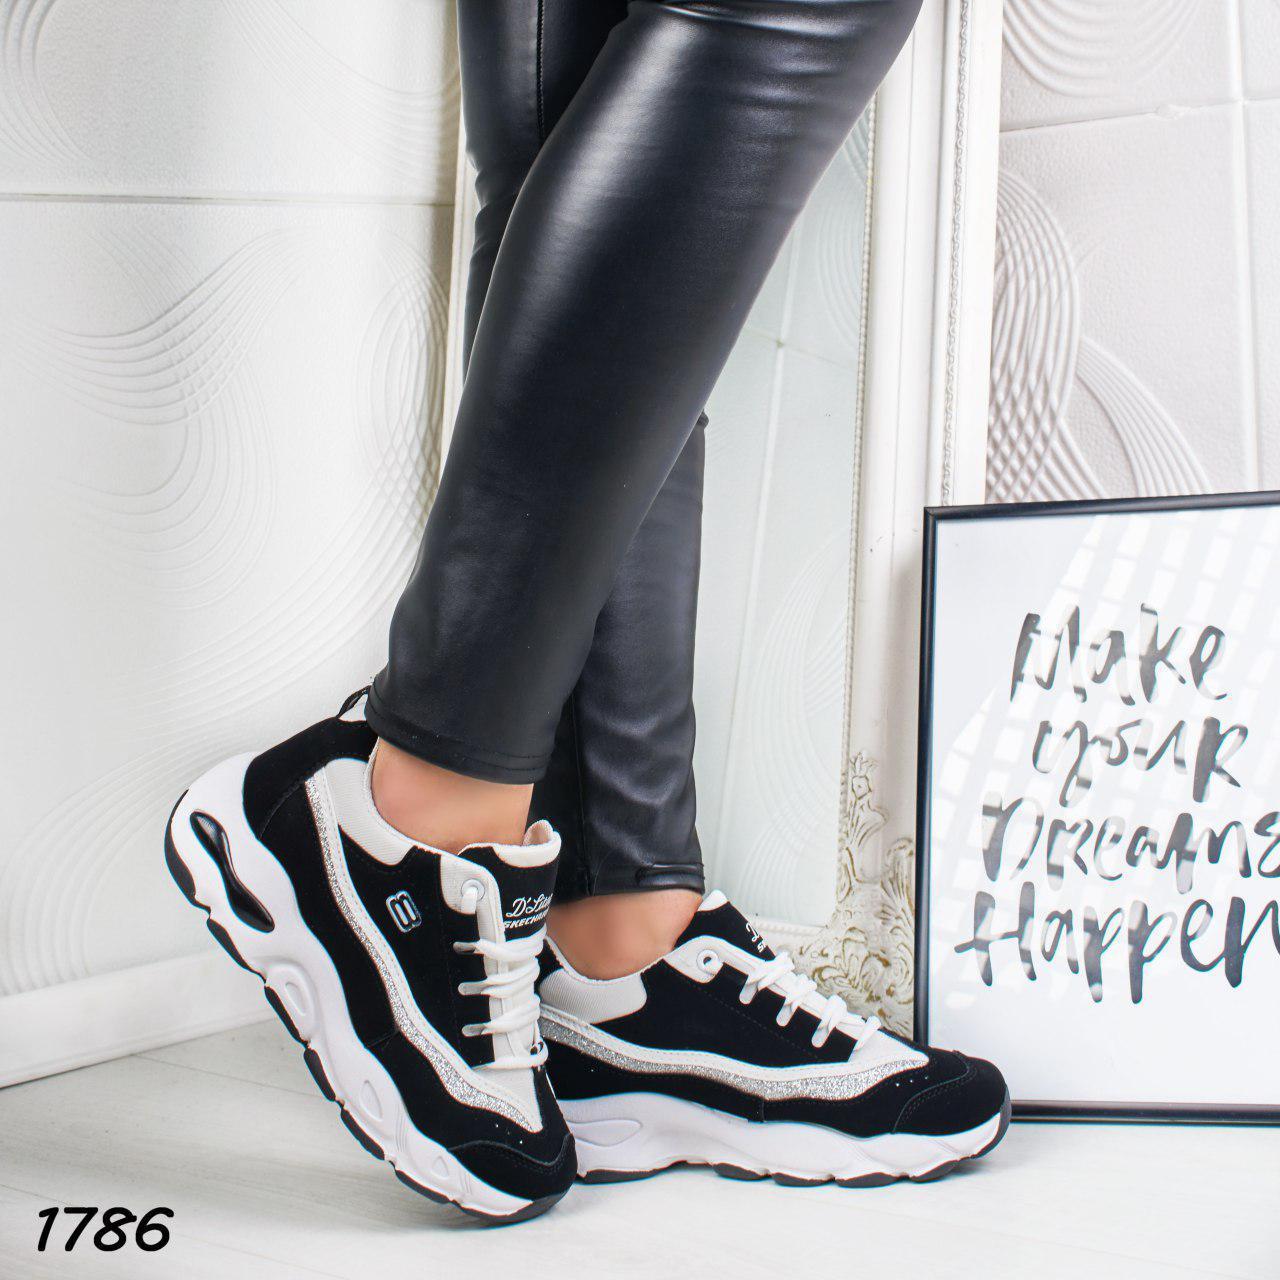 84ef23f10 Стильные черно-белые женские кроссовки р. 36, цена 380 грн., купить ...